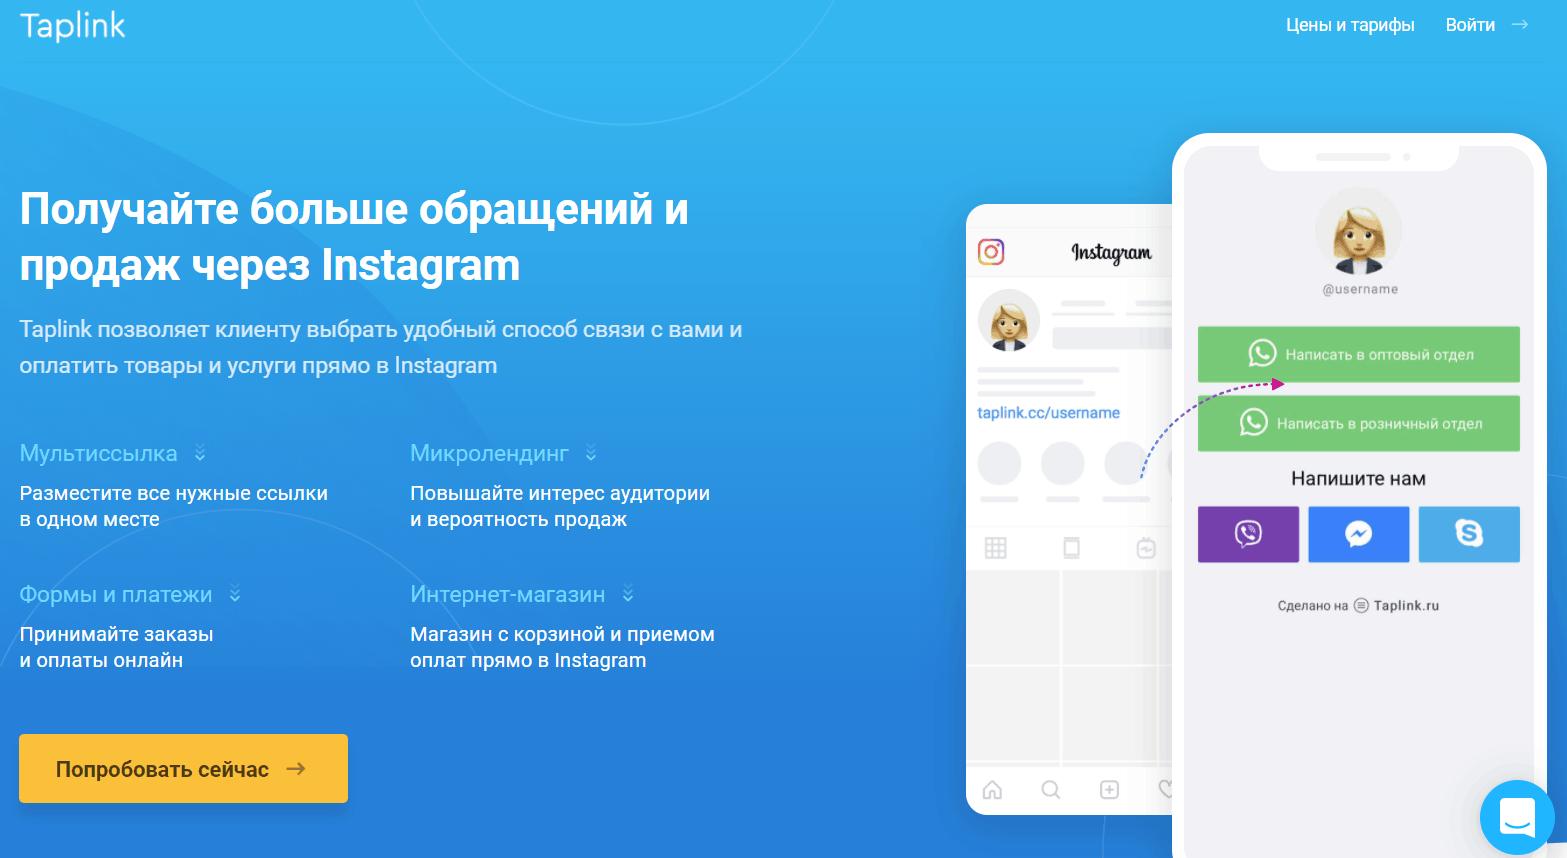 Онлайн-сервис Таплинк